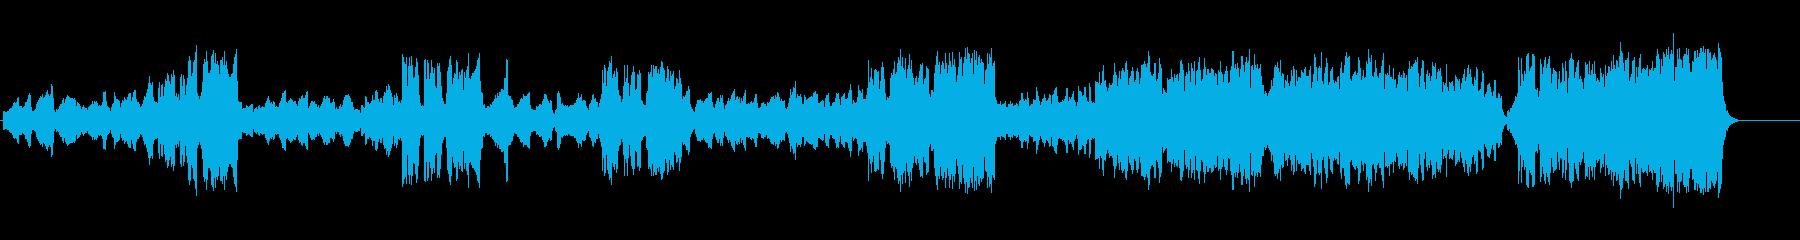 イースターを祝う曲 華やかな弦と金管の再生済みの波形